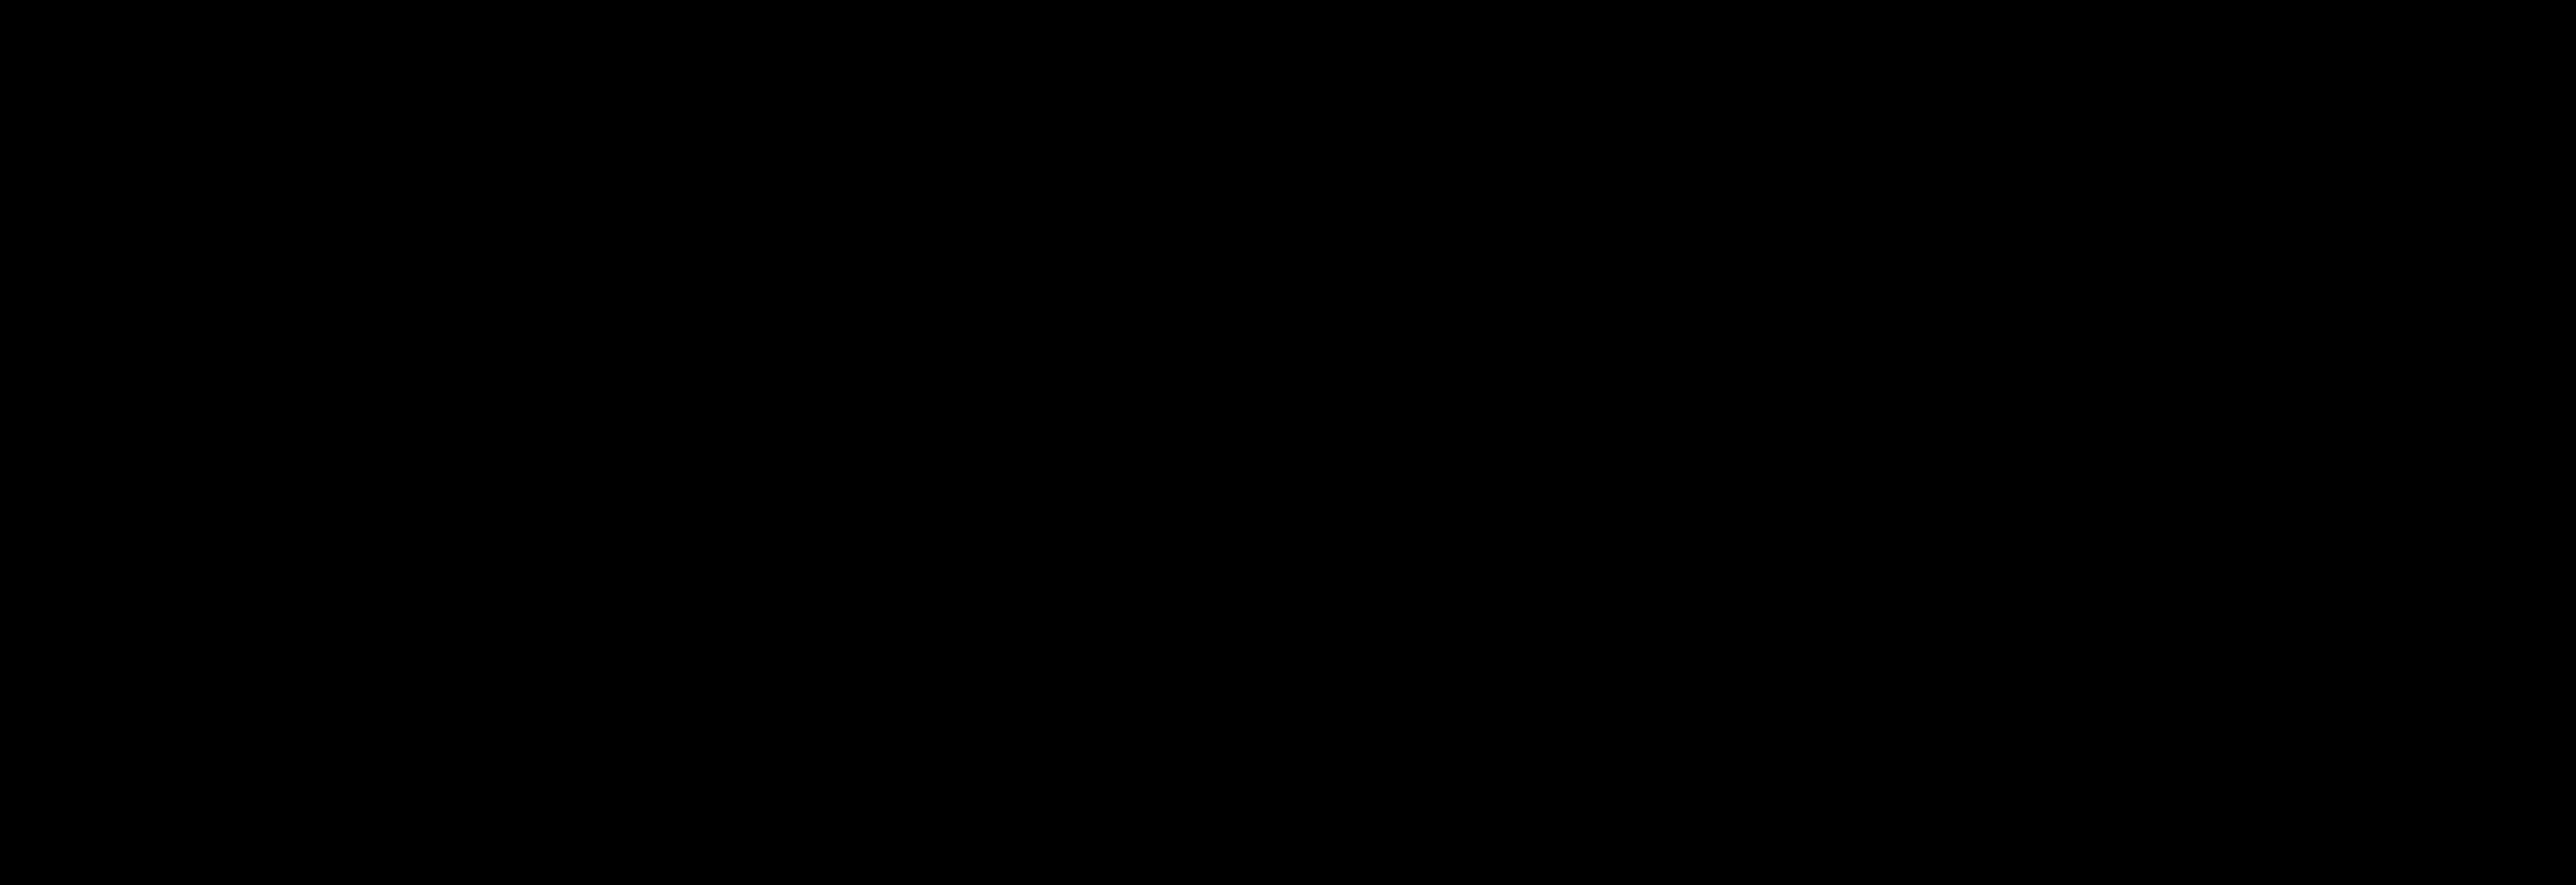 St. Jaime Hilario School - De La Salle Bataan